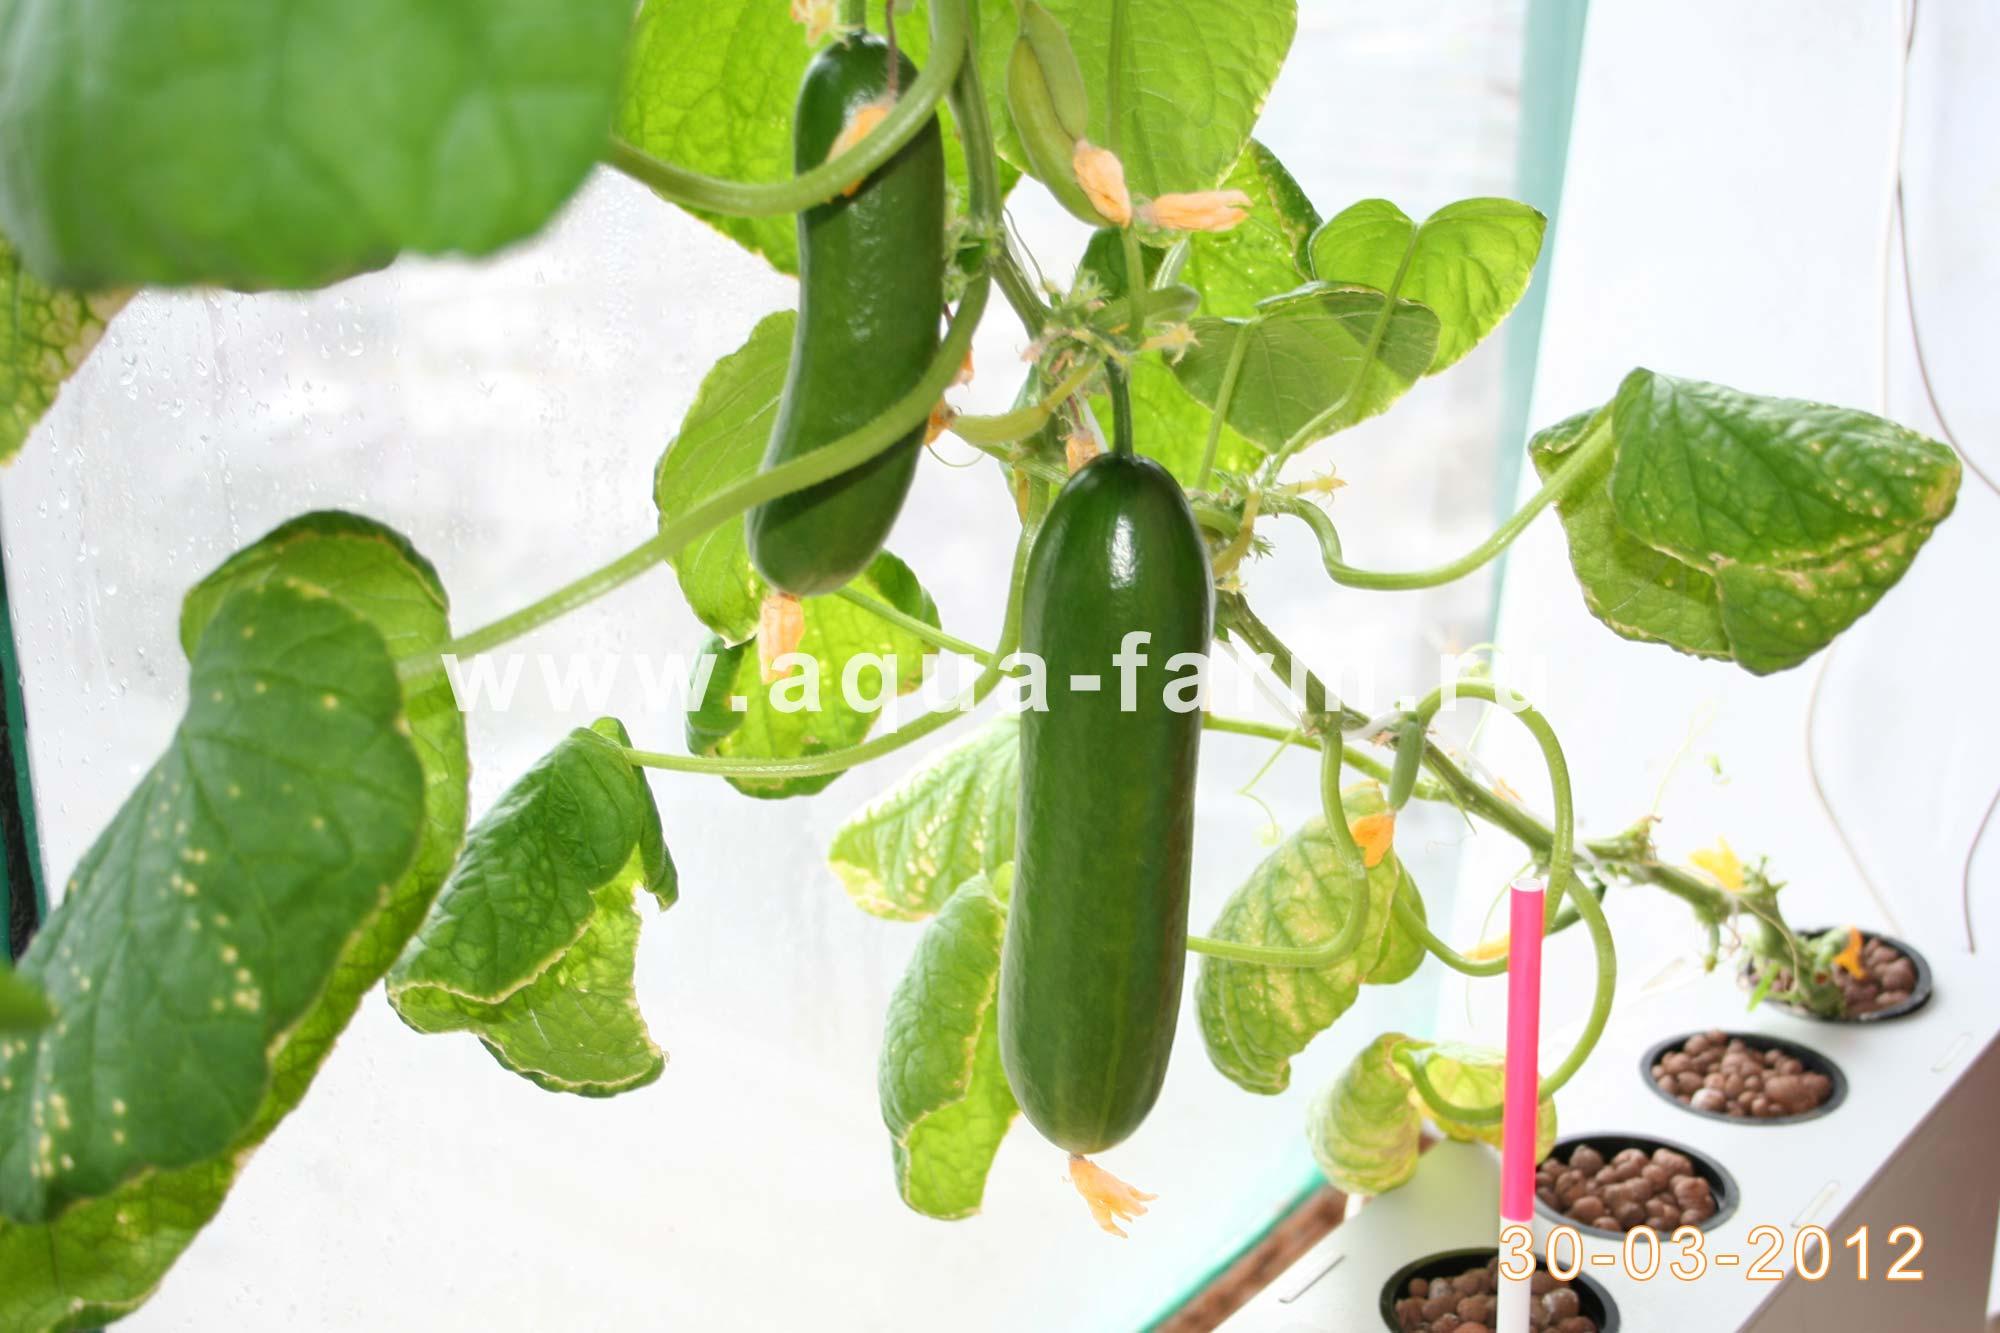 Огурец, растущий на балконе начал плодоносить.  Сегодня будет первая дегустация весеннего огурчика с гидропоники.